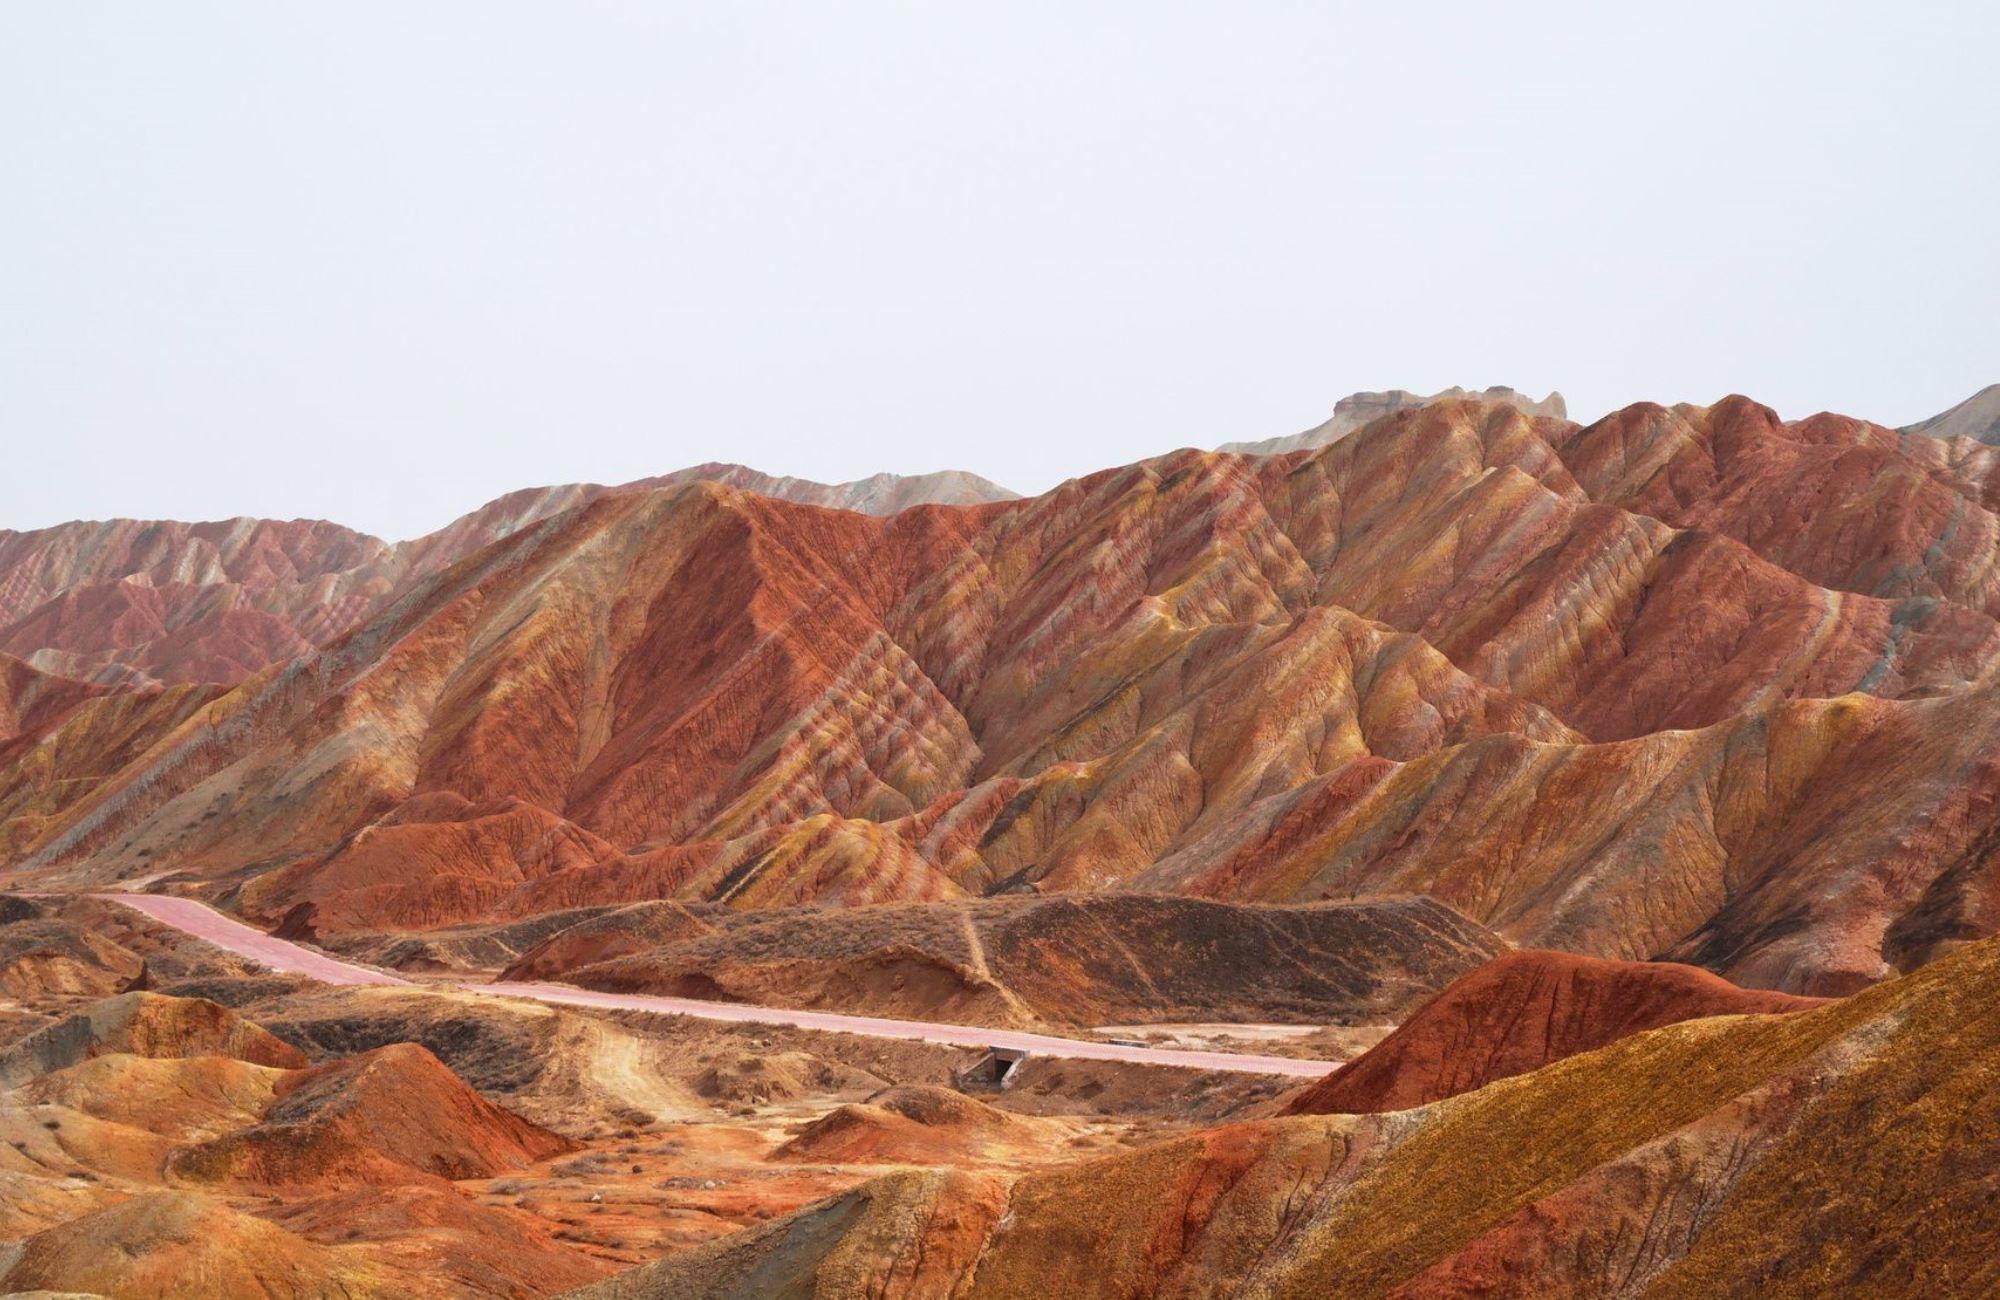 Voyage Chine - Montagne arc en ciel Le parc géologique national de Zhangye Danxia - Amplitudes